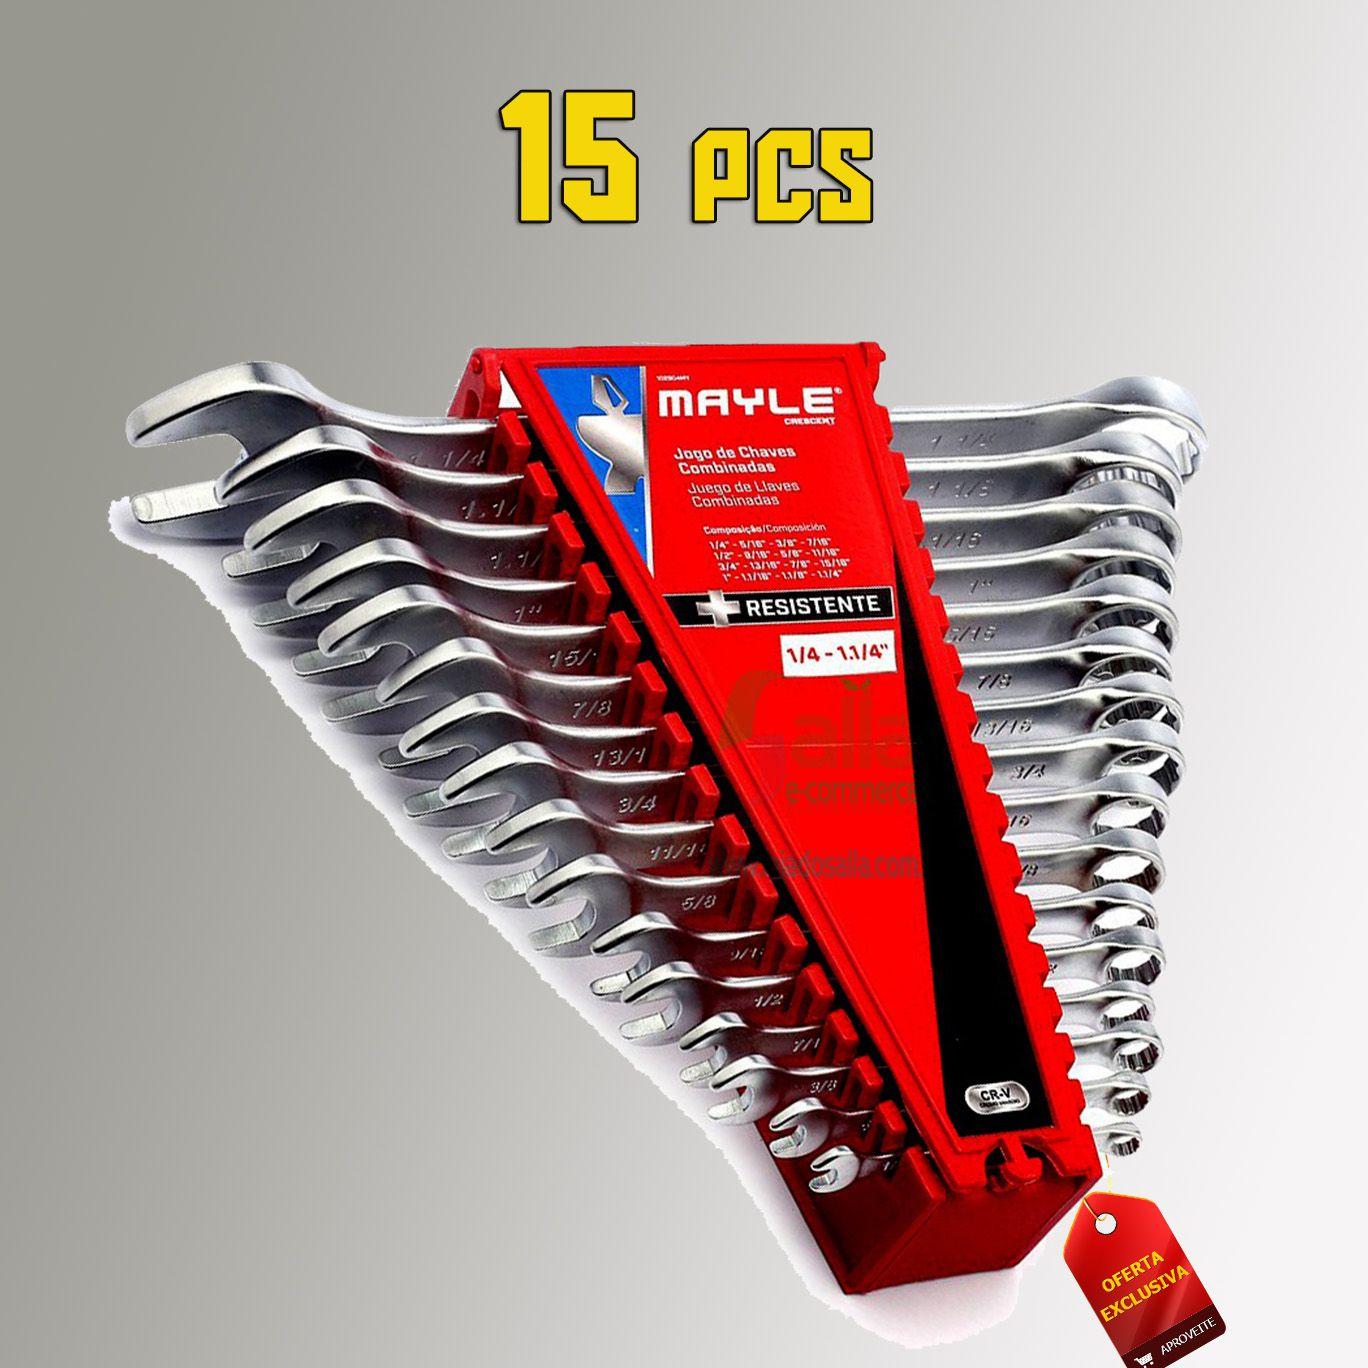 Jogo Chave Combinada 6 a 32mm 15 Peças Mayle em Aço Carbono